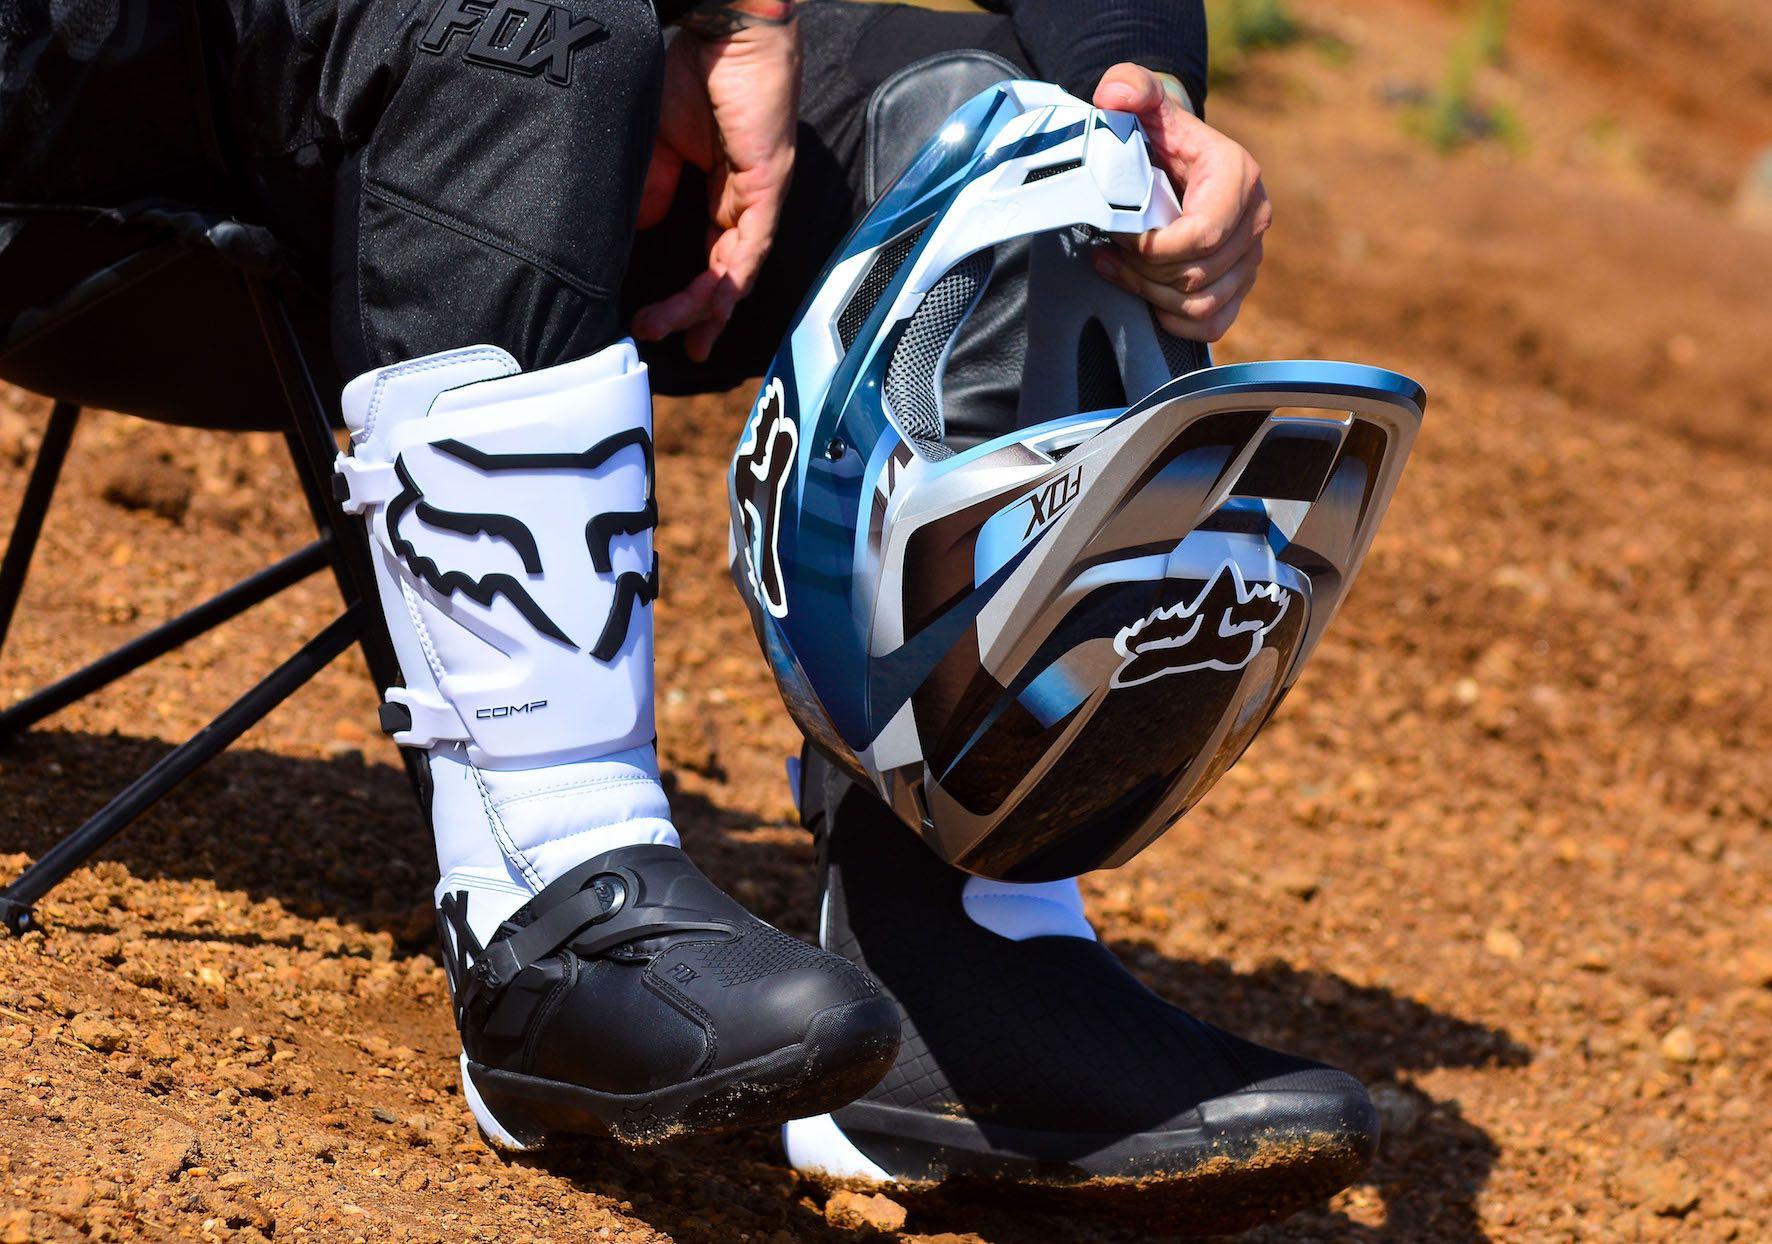 We test the all-new Fox V1 Motocross Helmet